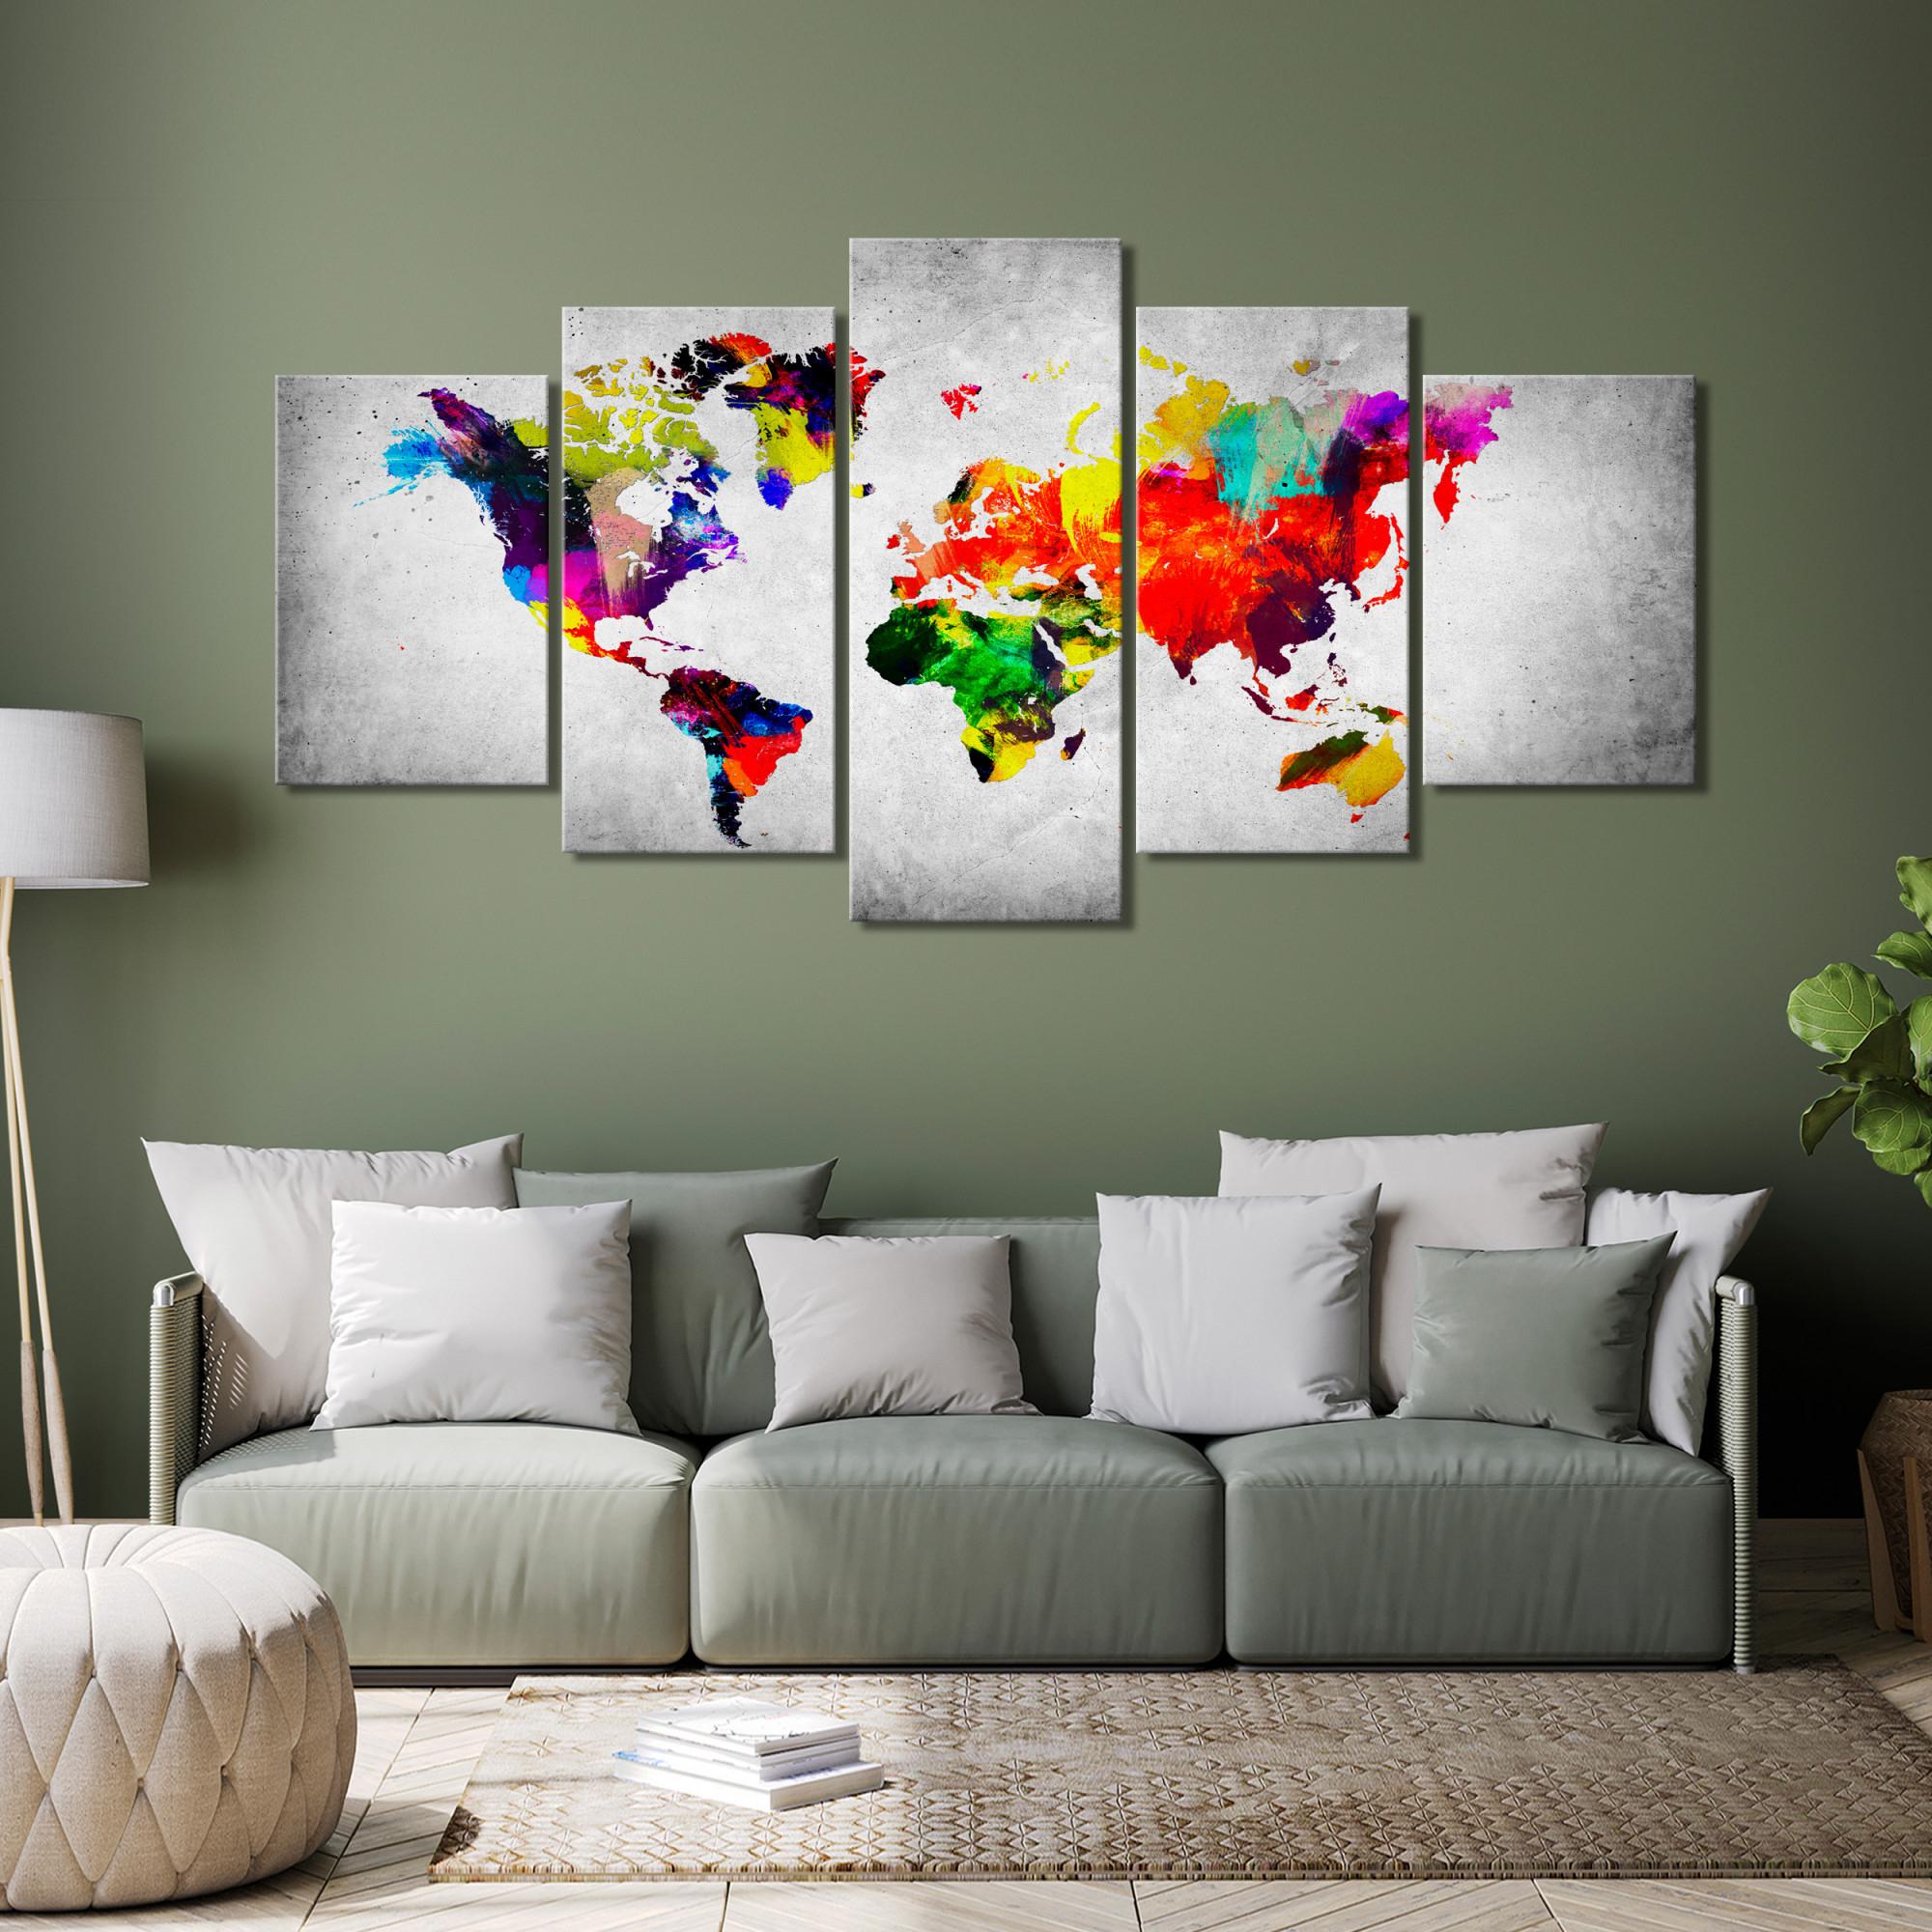 Details Zu Landkarte Leinwand Bilder Weltkarte Abstrakt Bunt Groß  Wandbilder Xxl Wohnzimmer von Bilder Xxl Wohnzimmer Bild